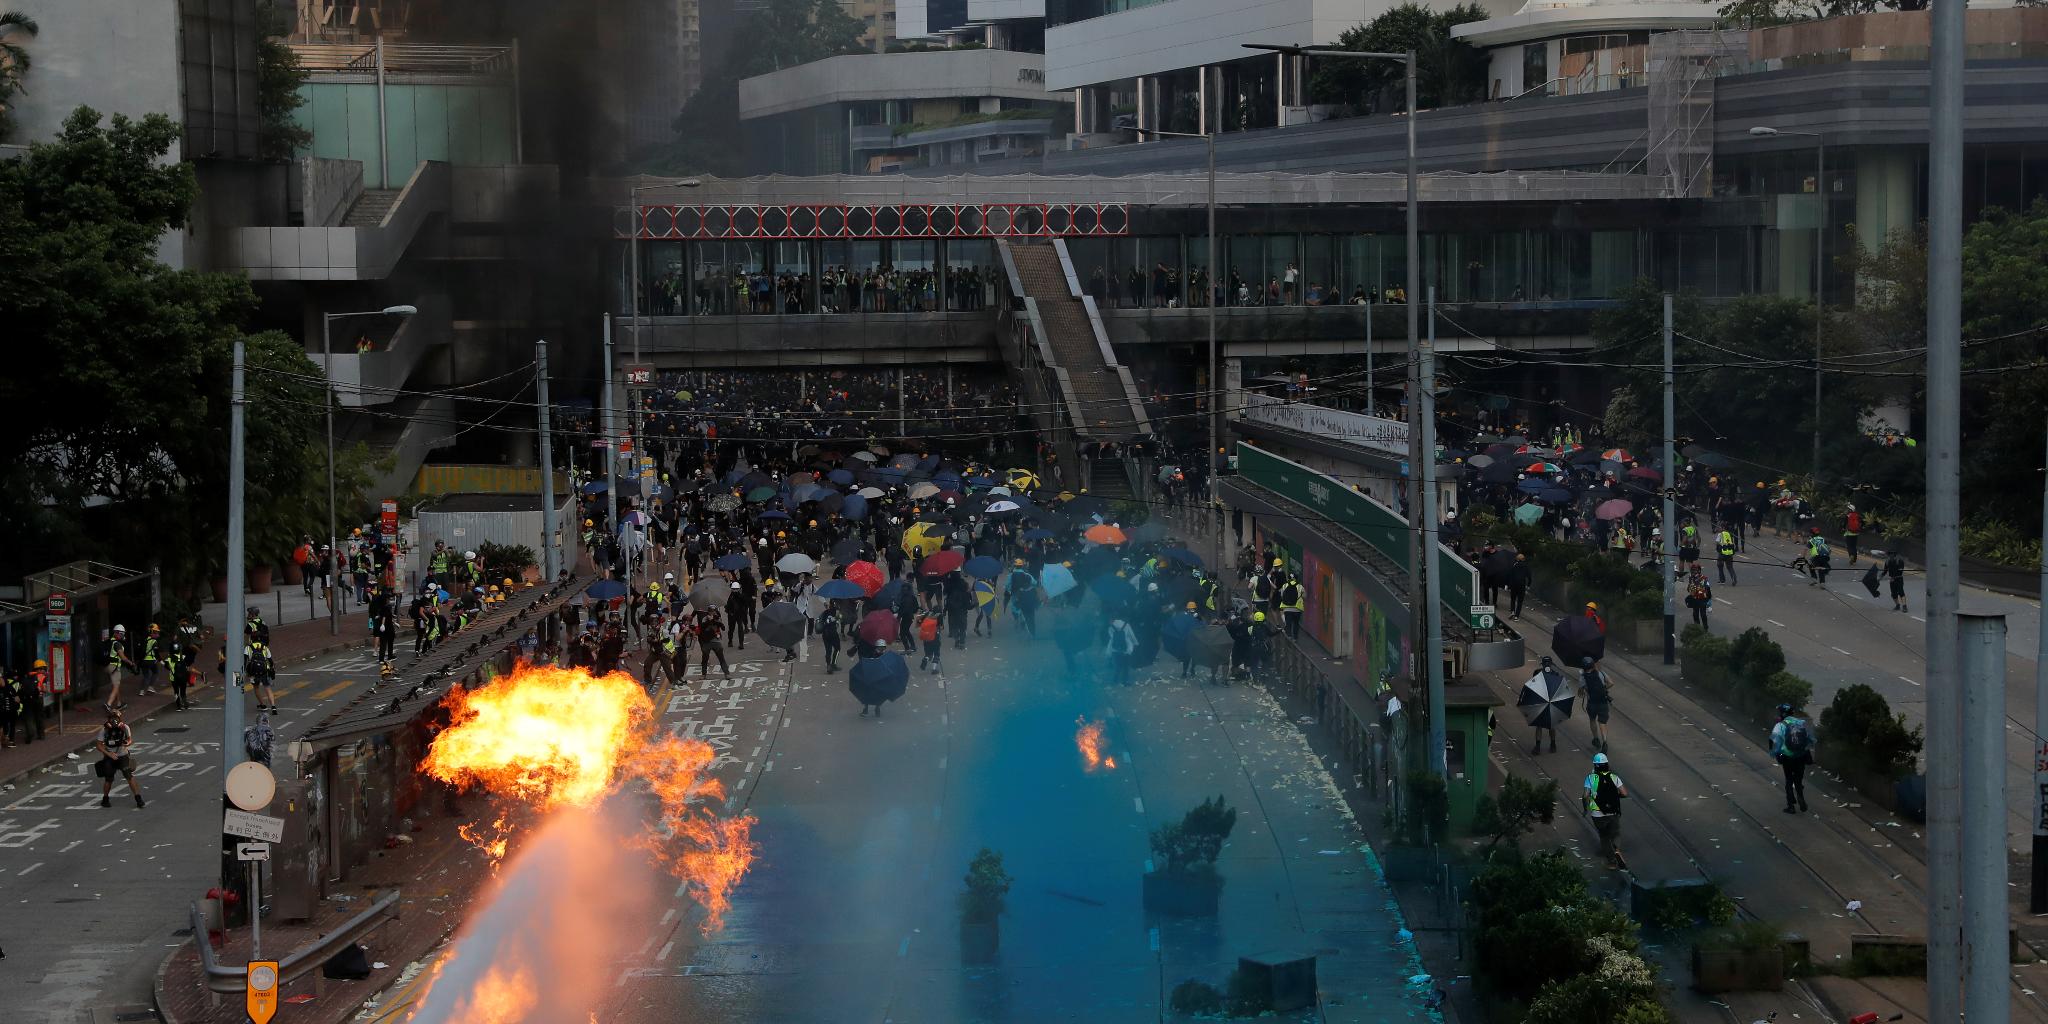 「民陣」煽十一遊行  警發反對通知書